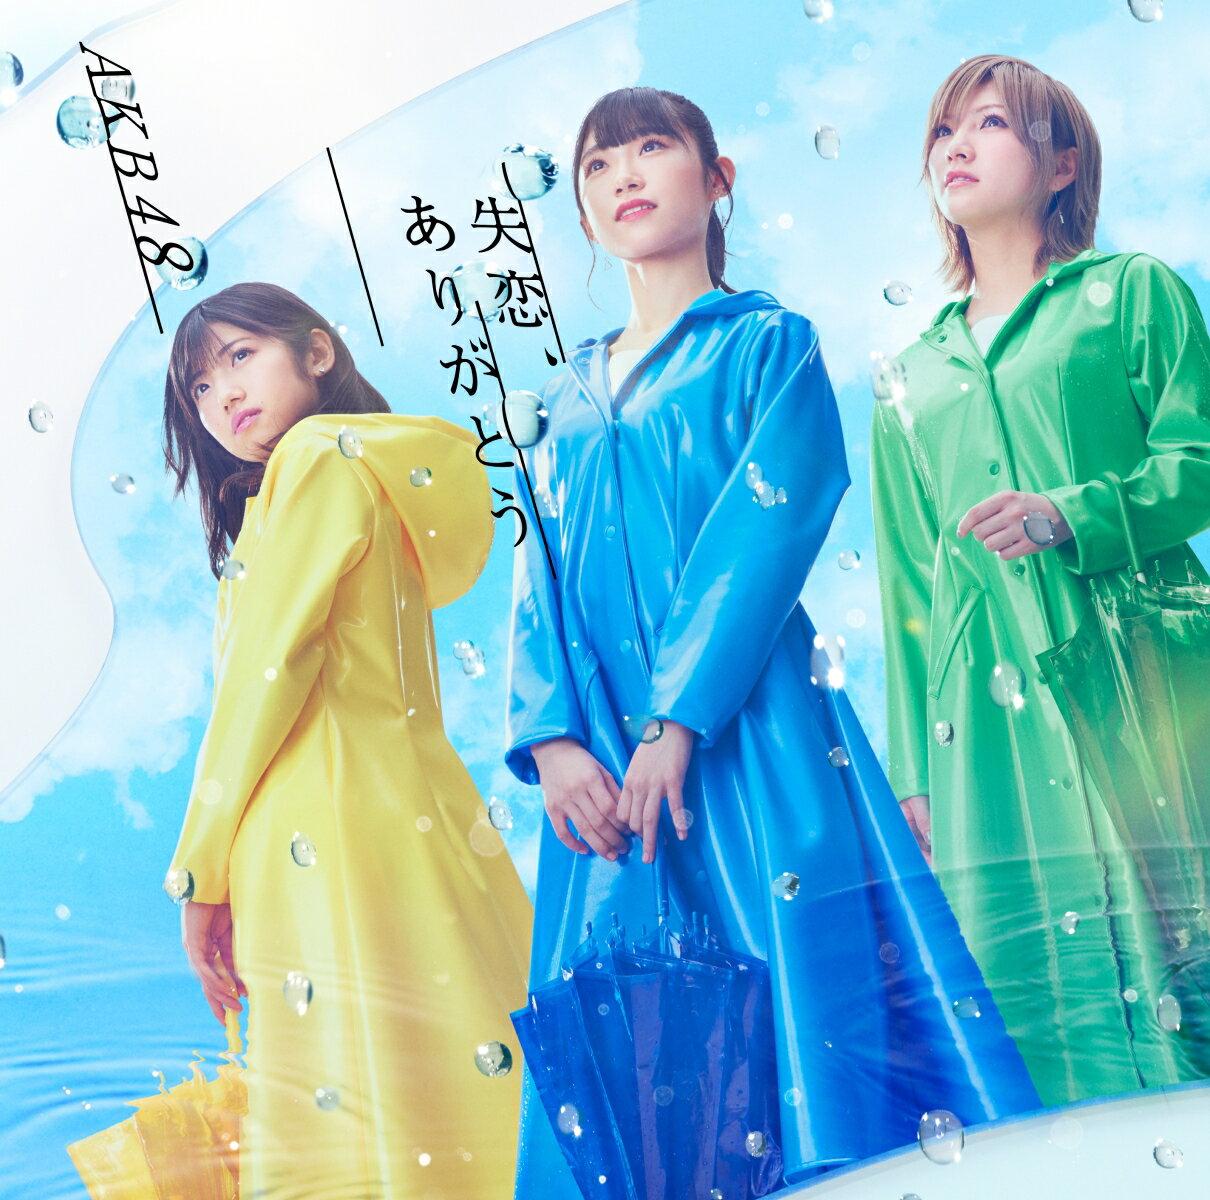 ロック・ポップス, その他  (A CDDVD) AKB48